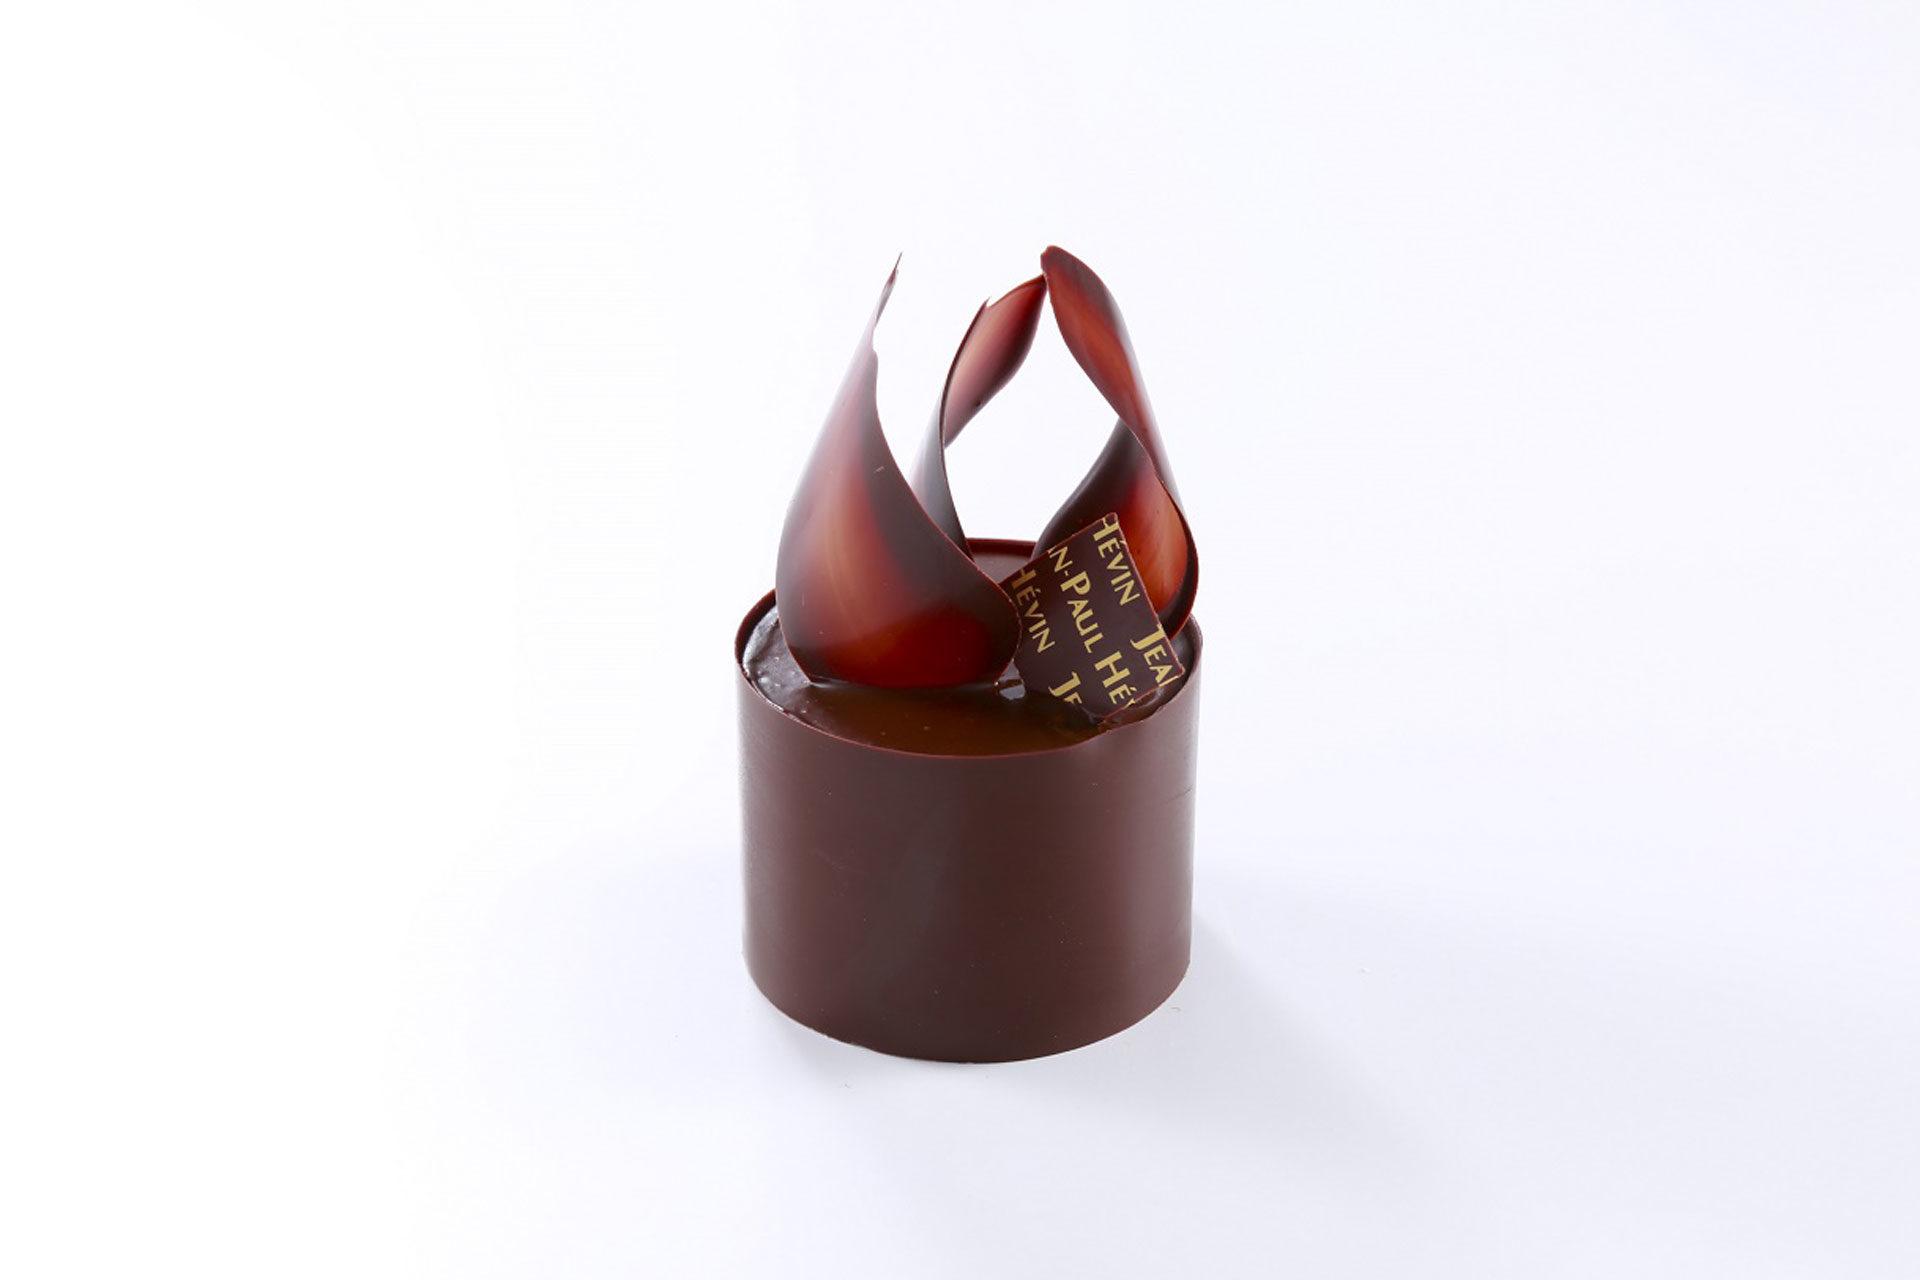 京都限定品法國產的朱古力和特高巧克力